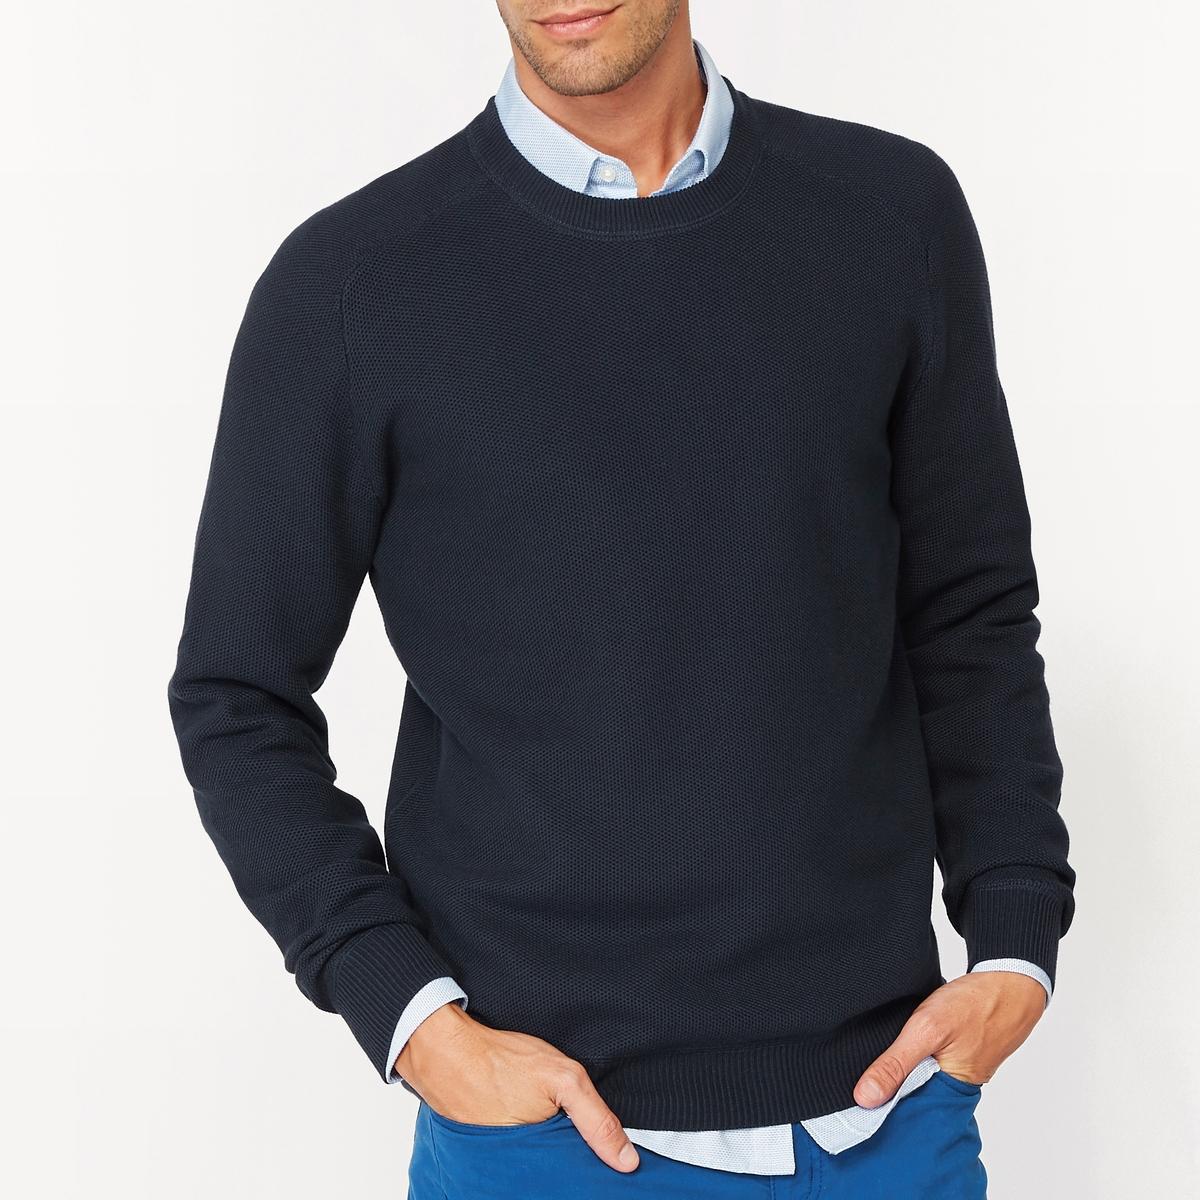 Пуловер с круглым вырезом из трикотажа 100% хлопок